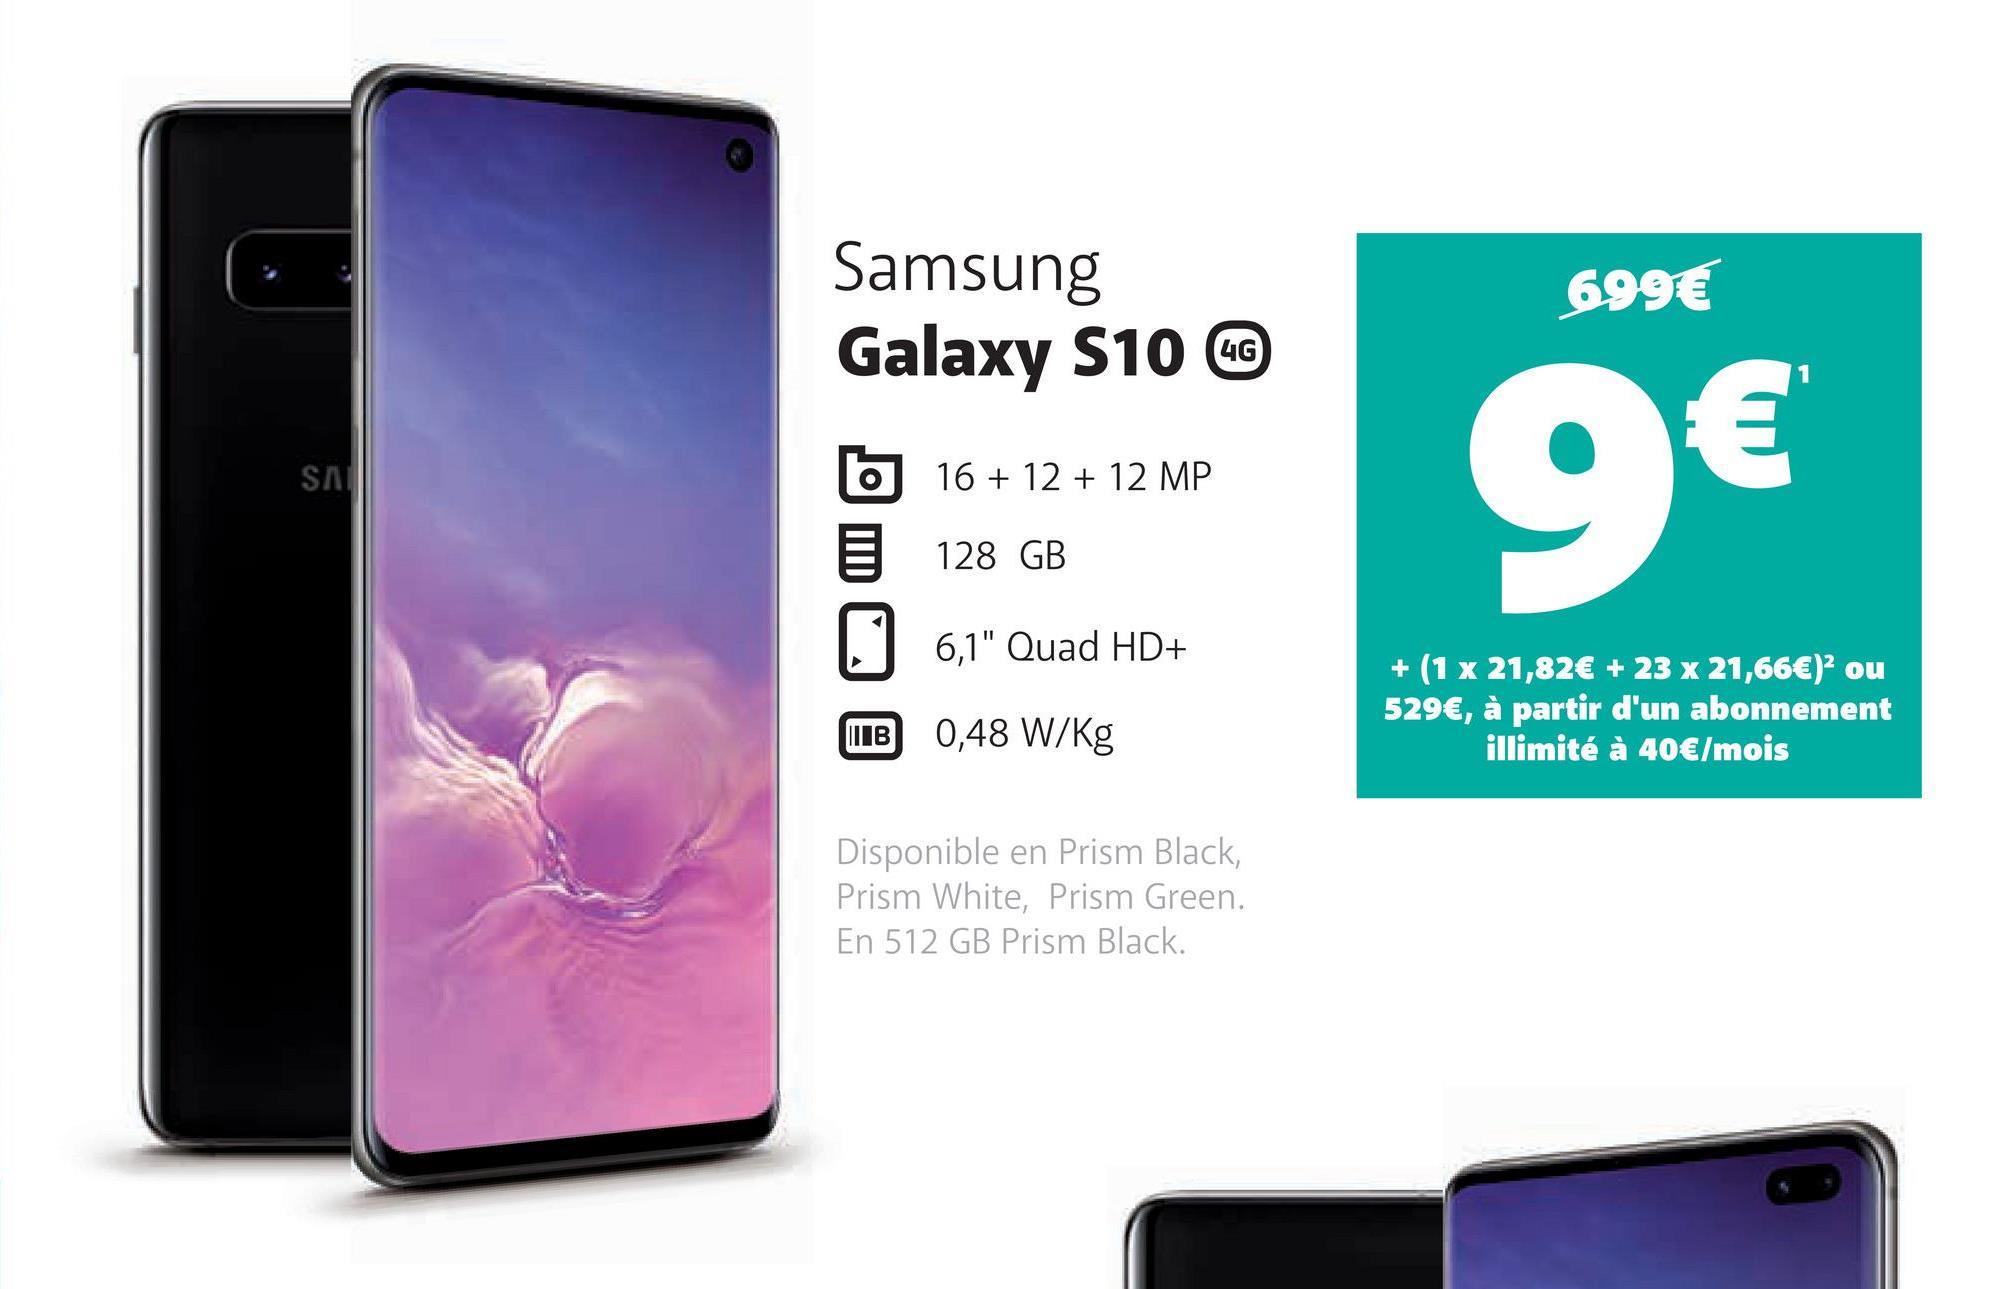 """699€ Samsung Galaxy S10 CE b 16+ 12 + 12 MP 5 128 GB 6,1"""" Quad HD+ IDB 0,48 W/kg SA 9€ + (1x21,82€ + 23 x 21,66€)ou 529€, à partir d'un abonnement illimité à 40€/mois Disponible en Prism Black, Prism White, Prism Green. En 512 GB Prism Black."""